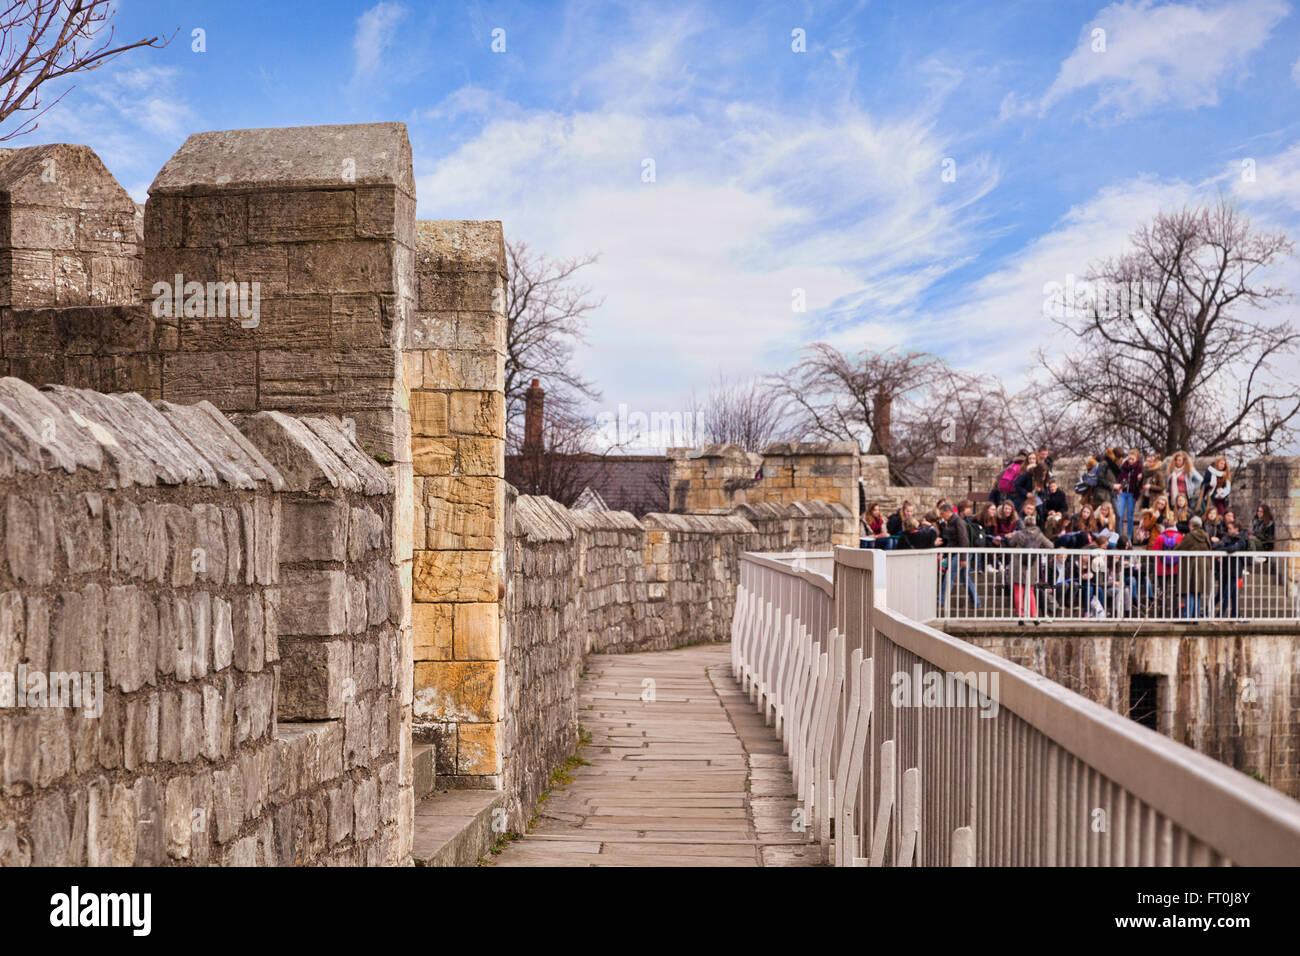 Vista a lo largo de las paredes de la ciudad de York, York, North Yorkshire, Inglaterra, Reino Unido. Imagen De Stock